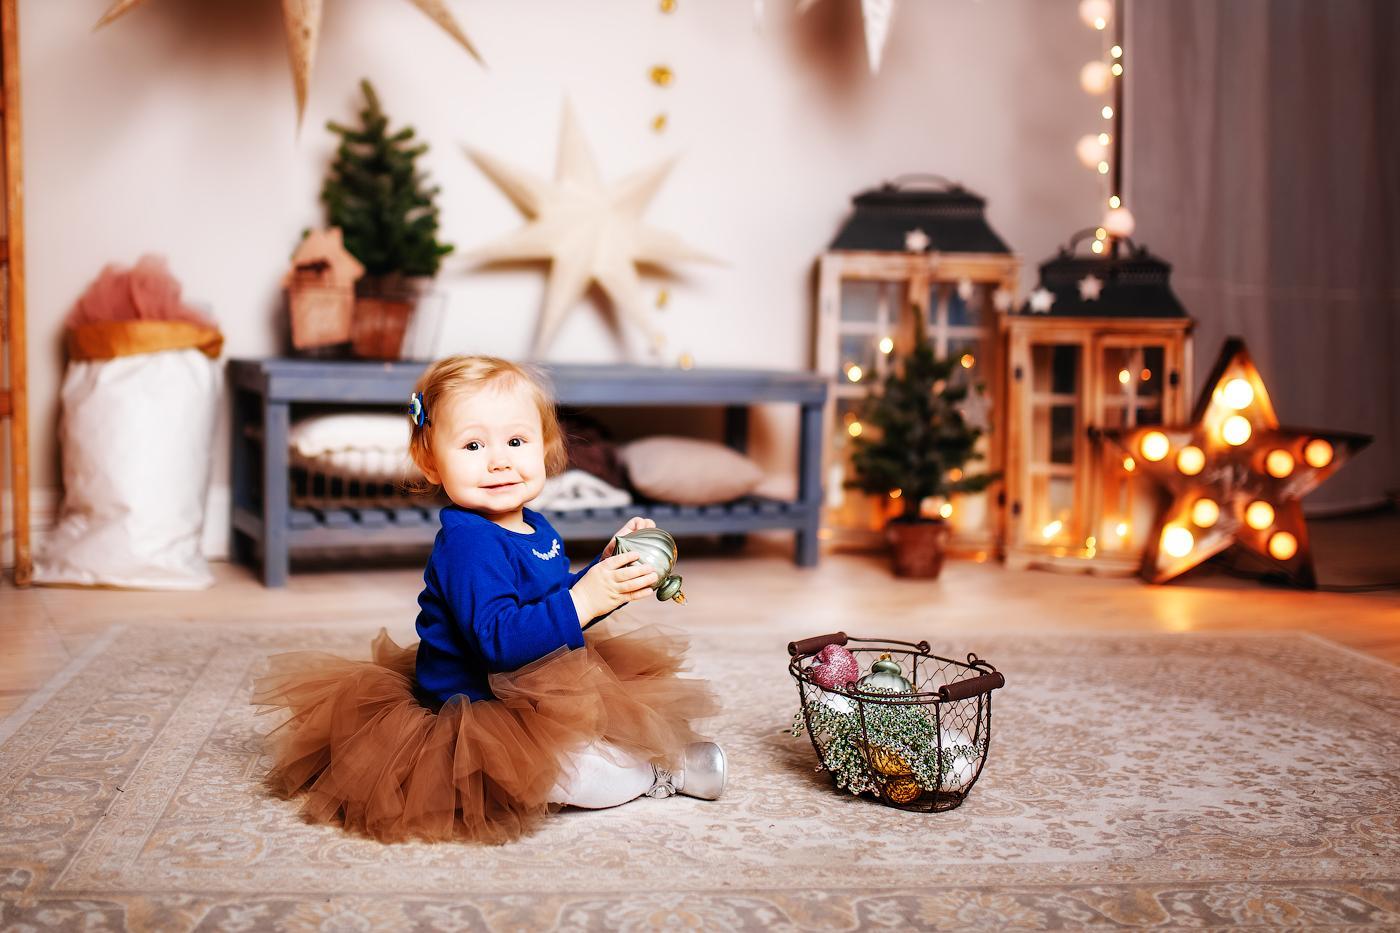 Девочка с новогодними атрибутами